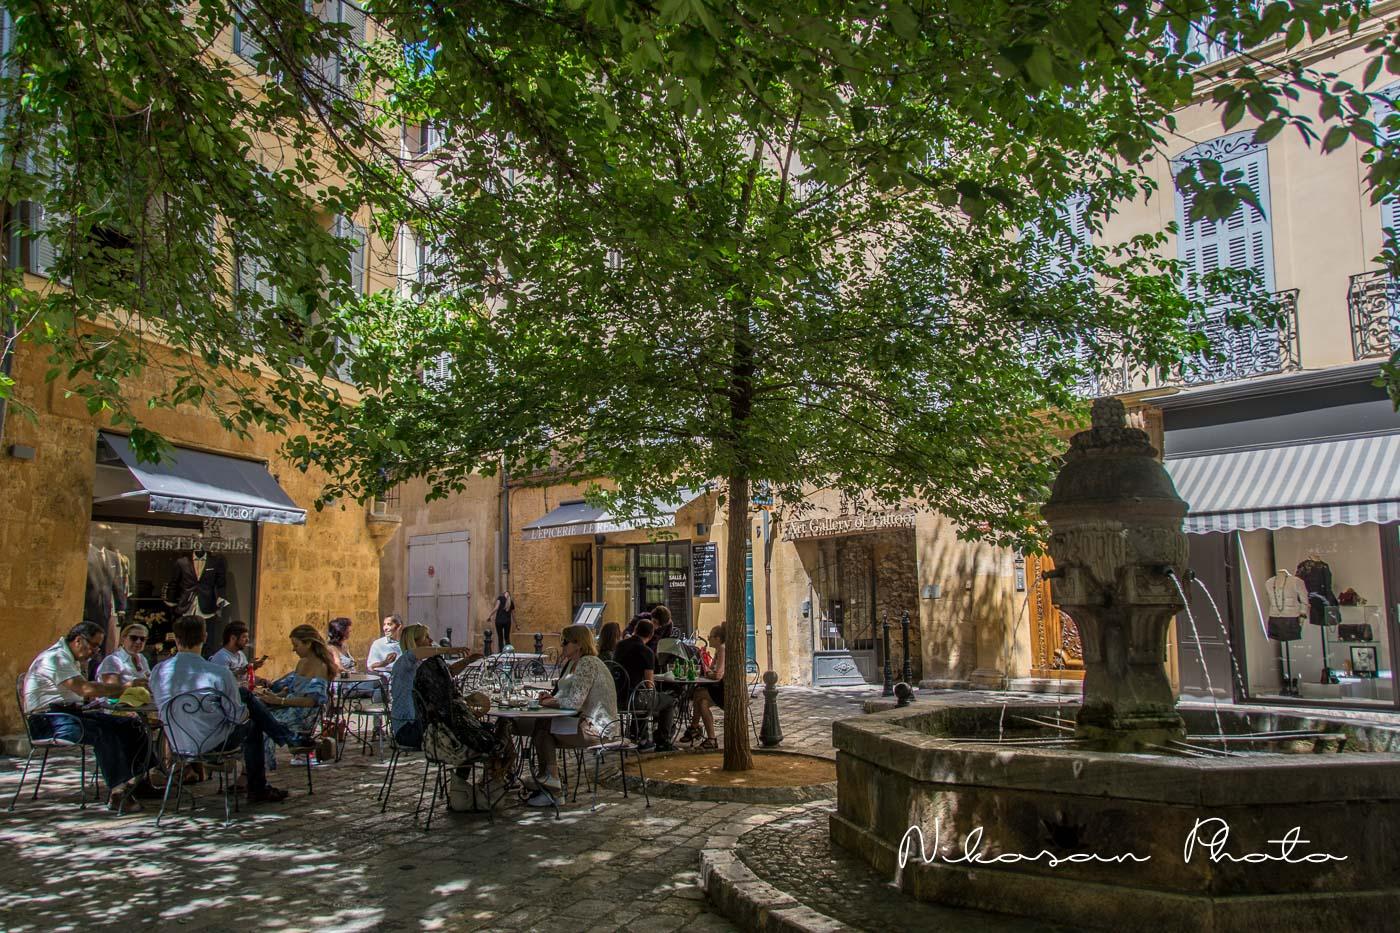 la fontaine de la place des 3 ormeaux - Aix en Provence